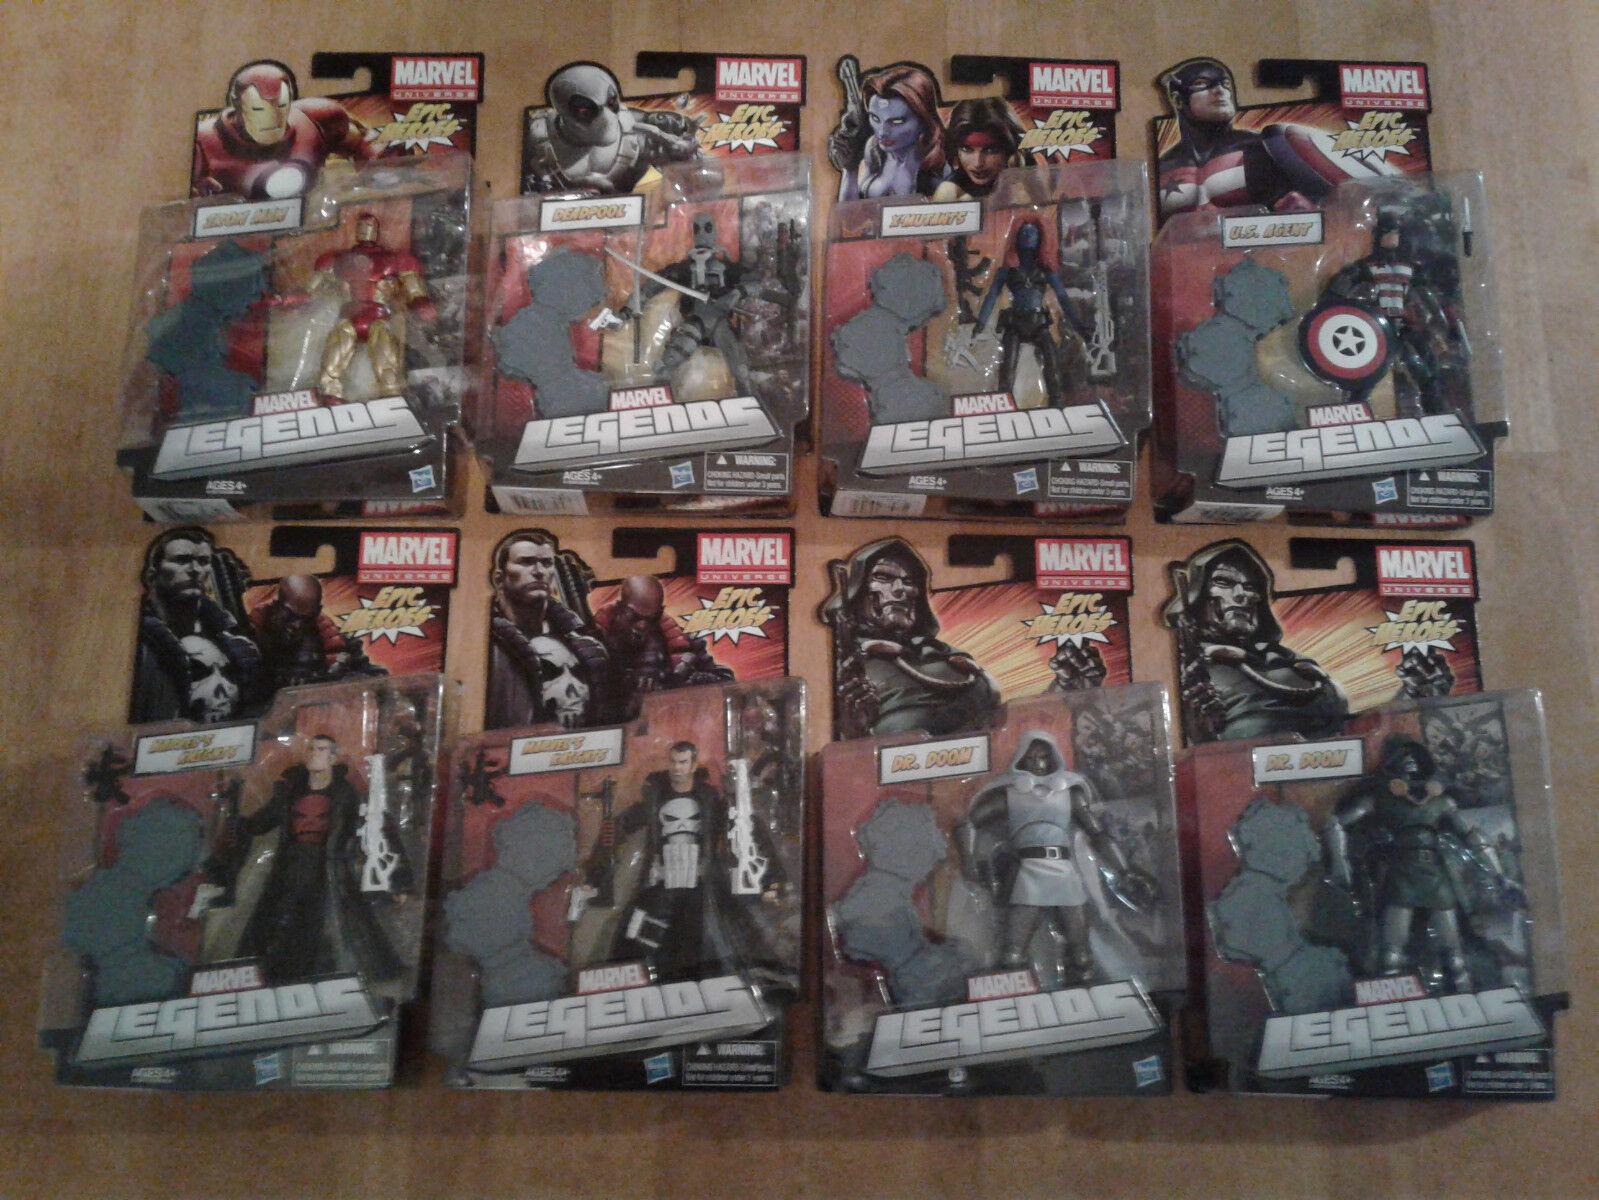 Marvel Legends NEW - EPIC HEROES set lot of 8 - FF DR DOOM RARE VARIANT DEADPOOL